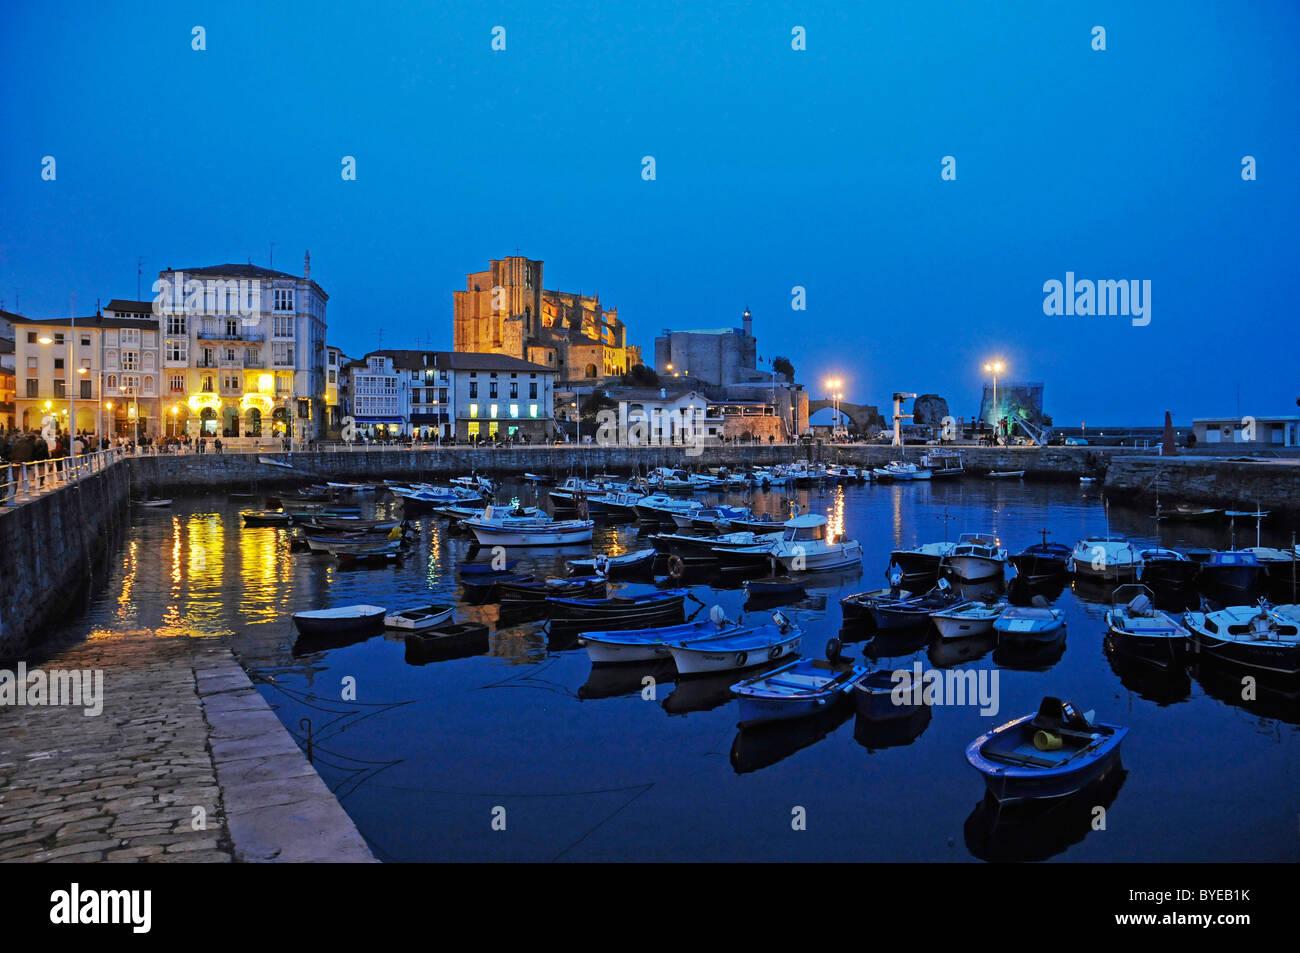 L'humeur du soir, port avec bateaux, Castro Urdiales, Golfe de Gascogne, Cantabria, Spain, Europe Banque D'Images